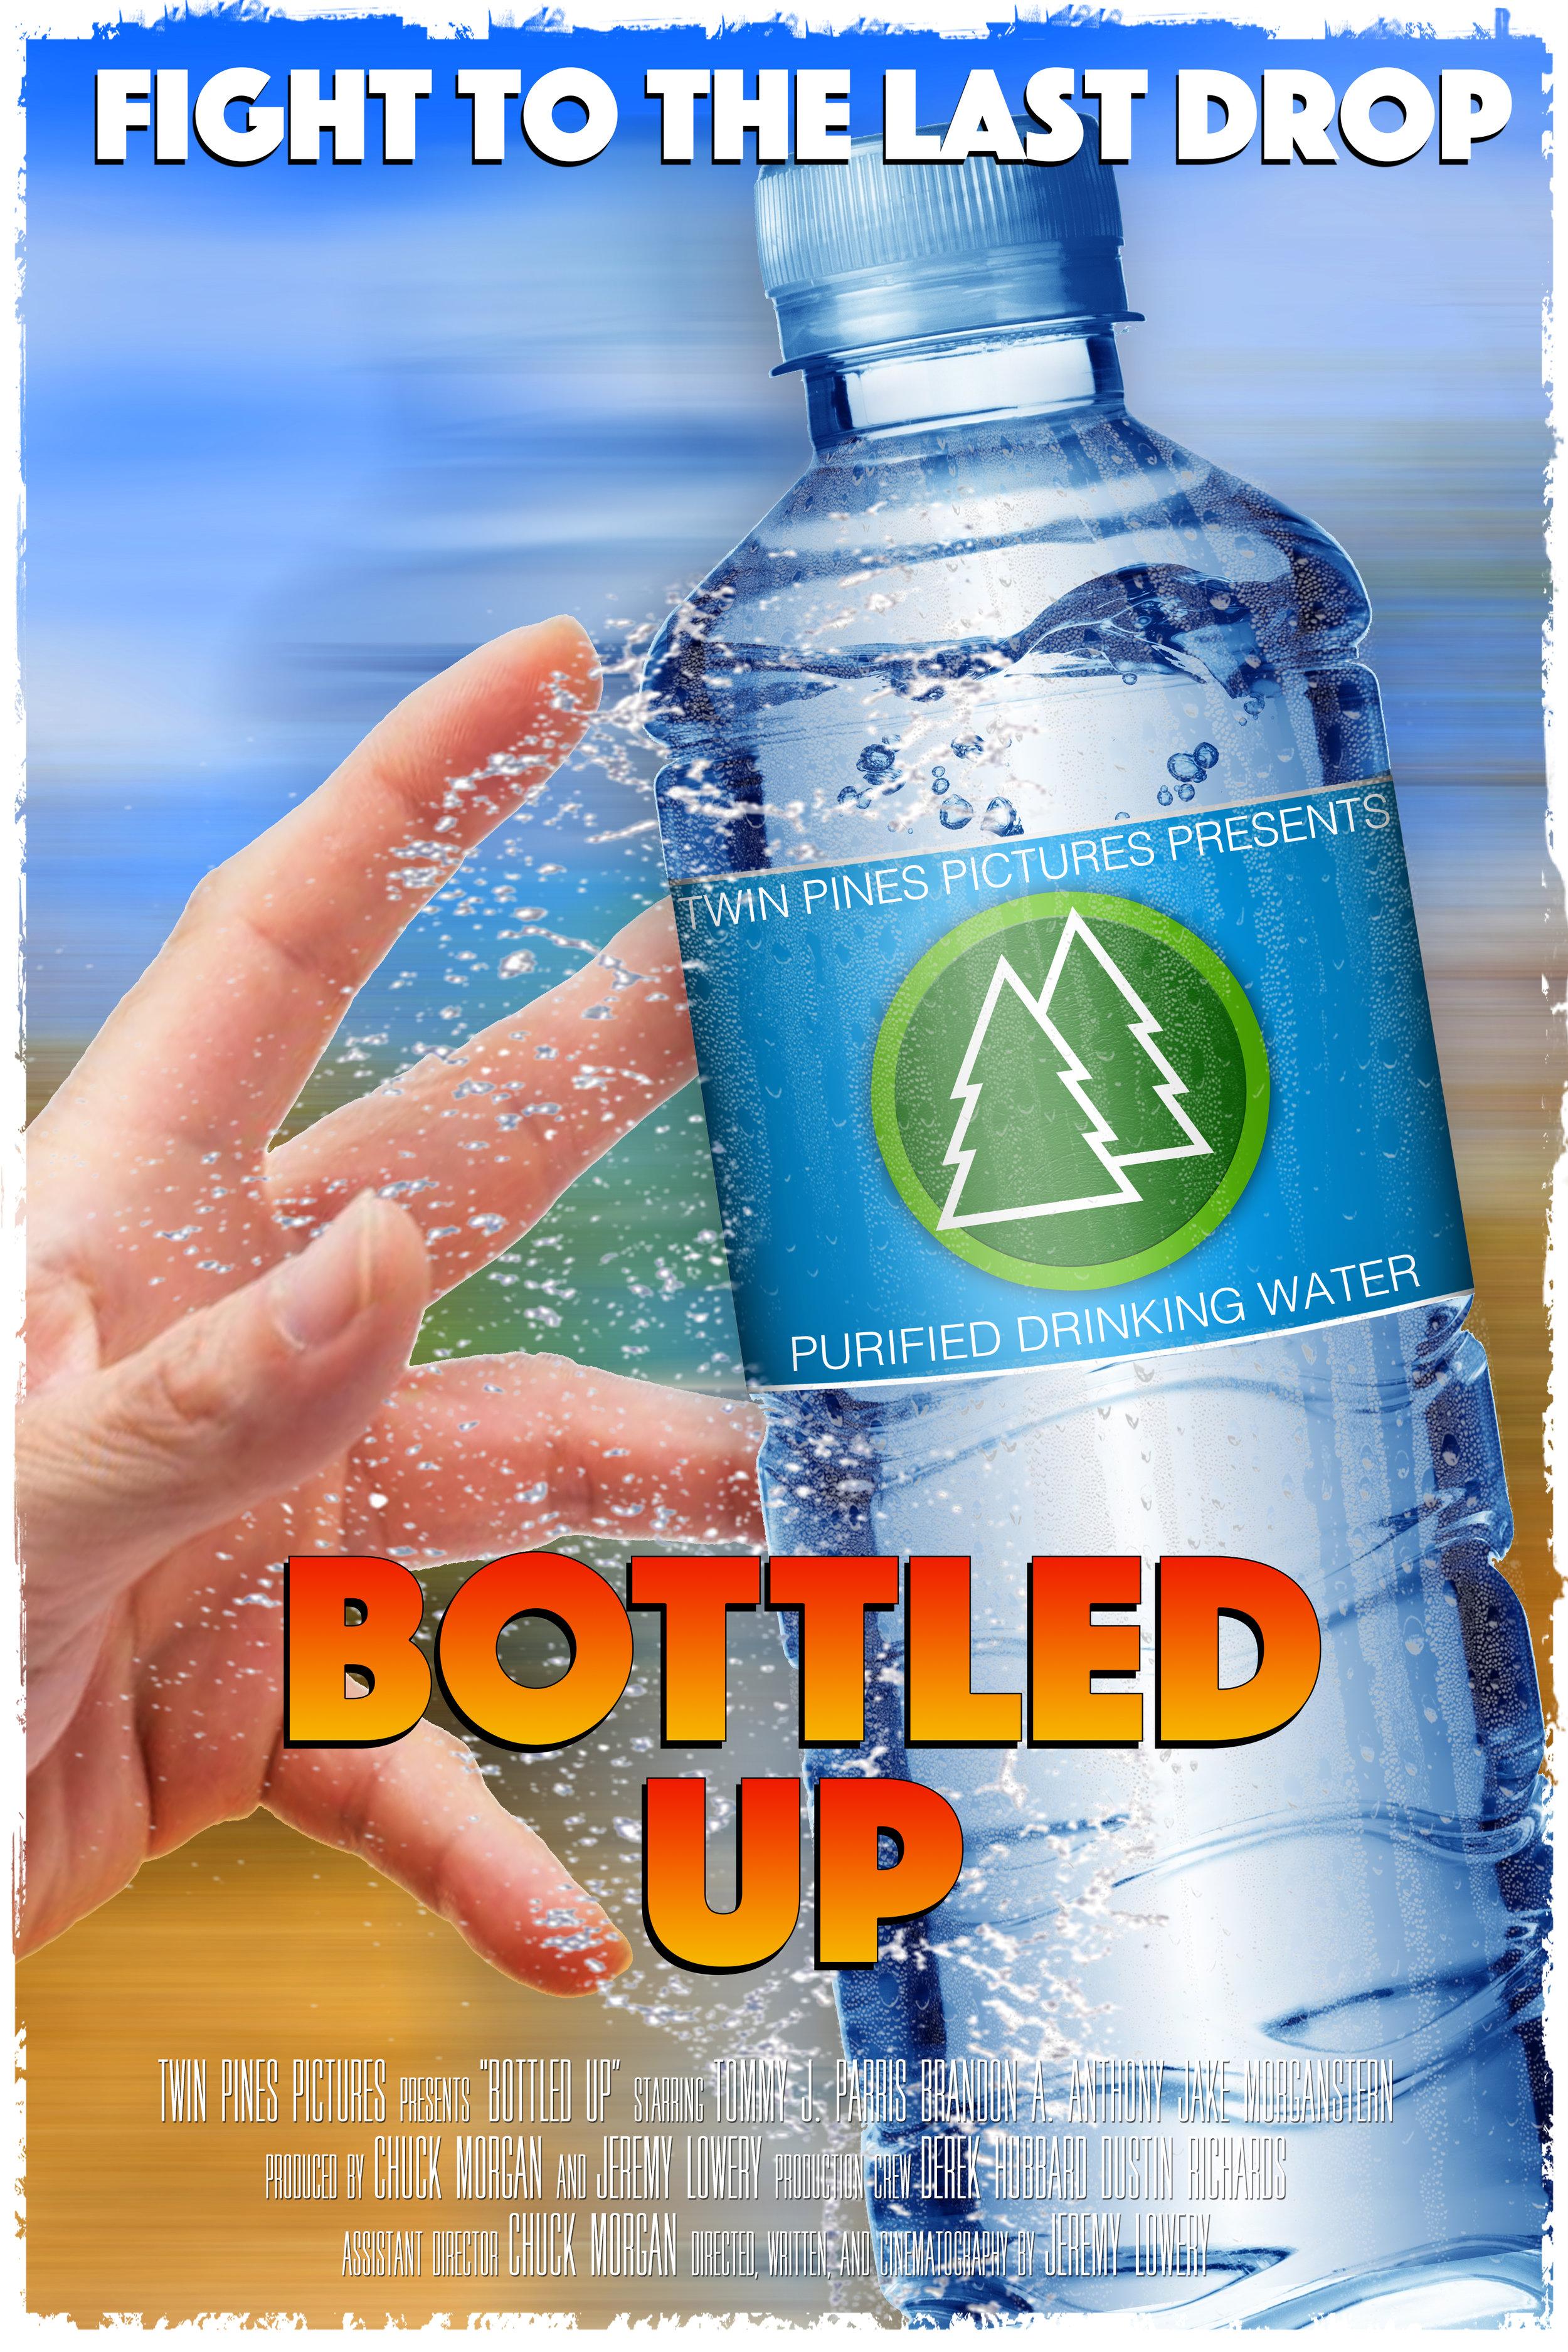 Bottled up poster w hand.jpg